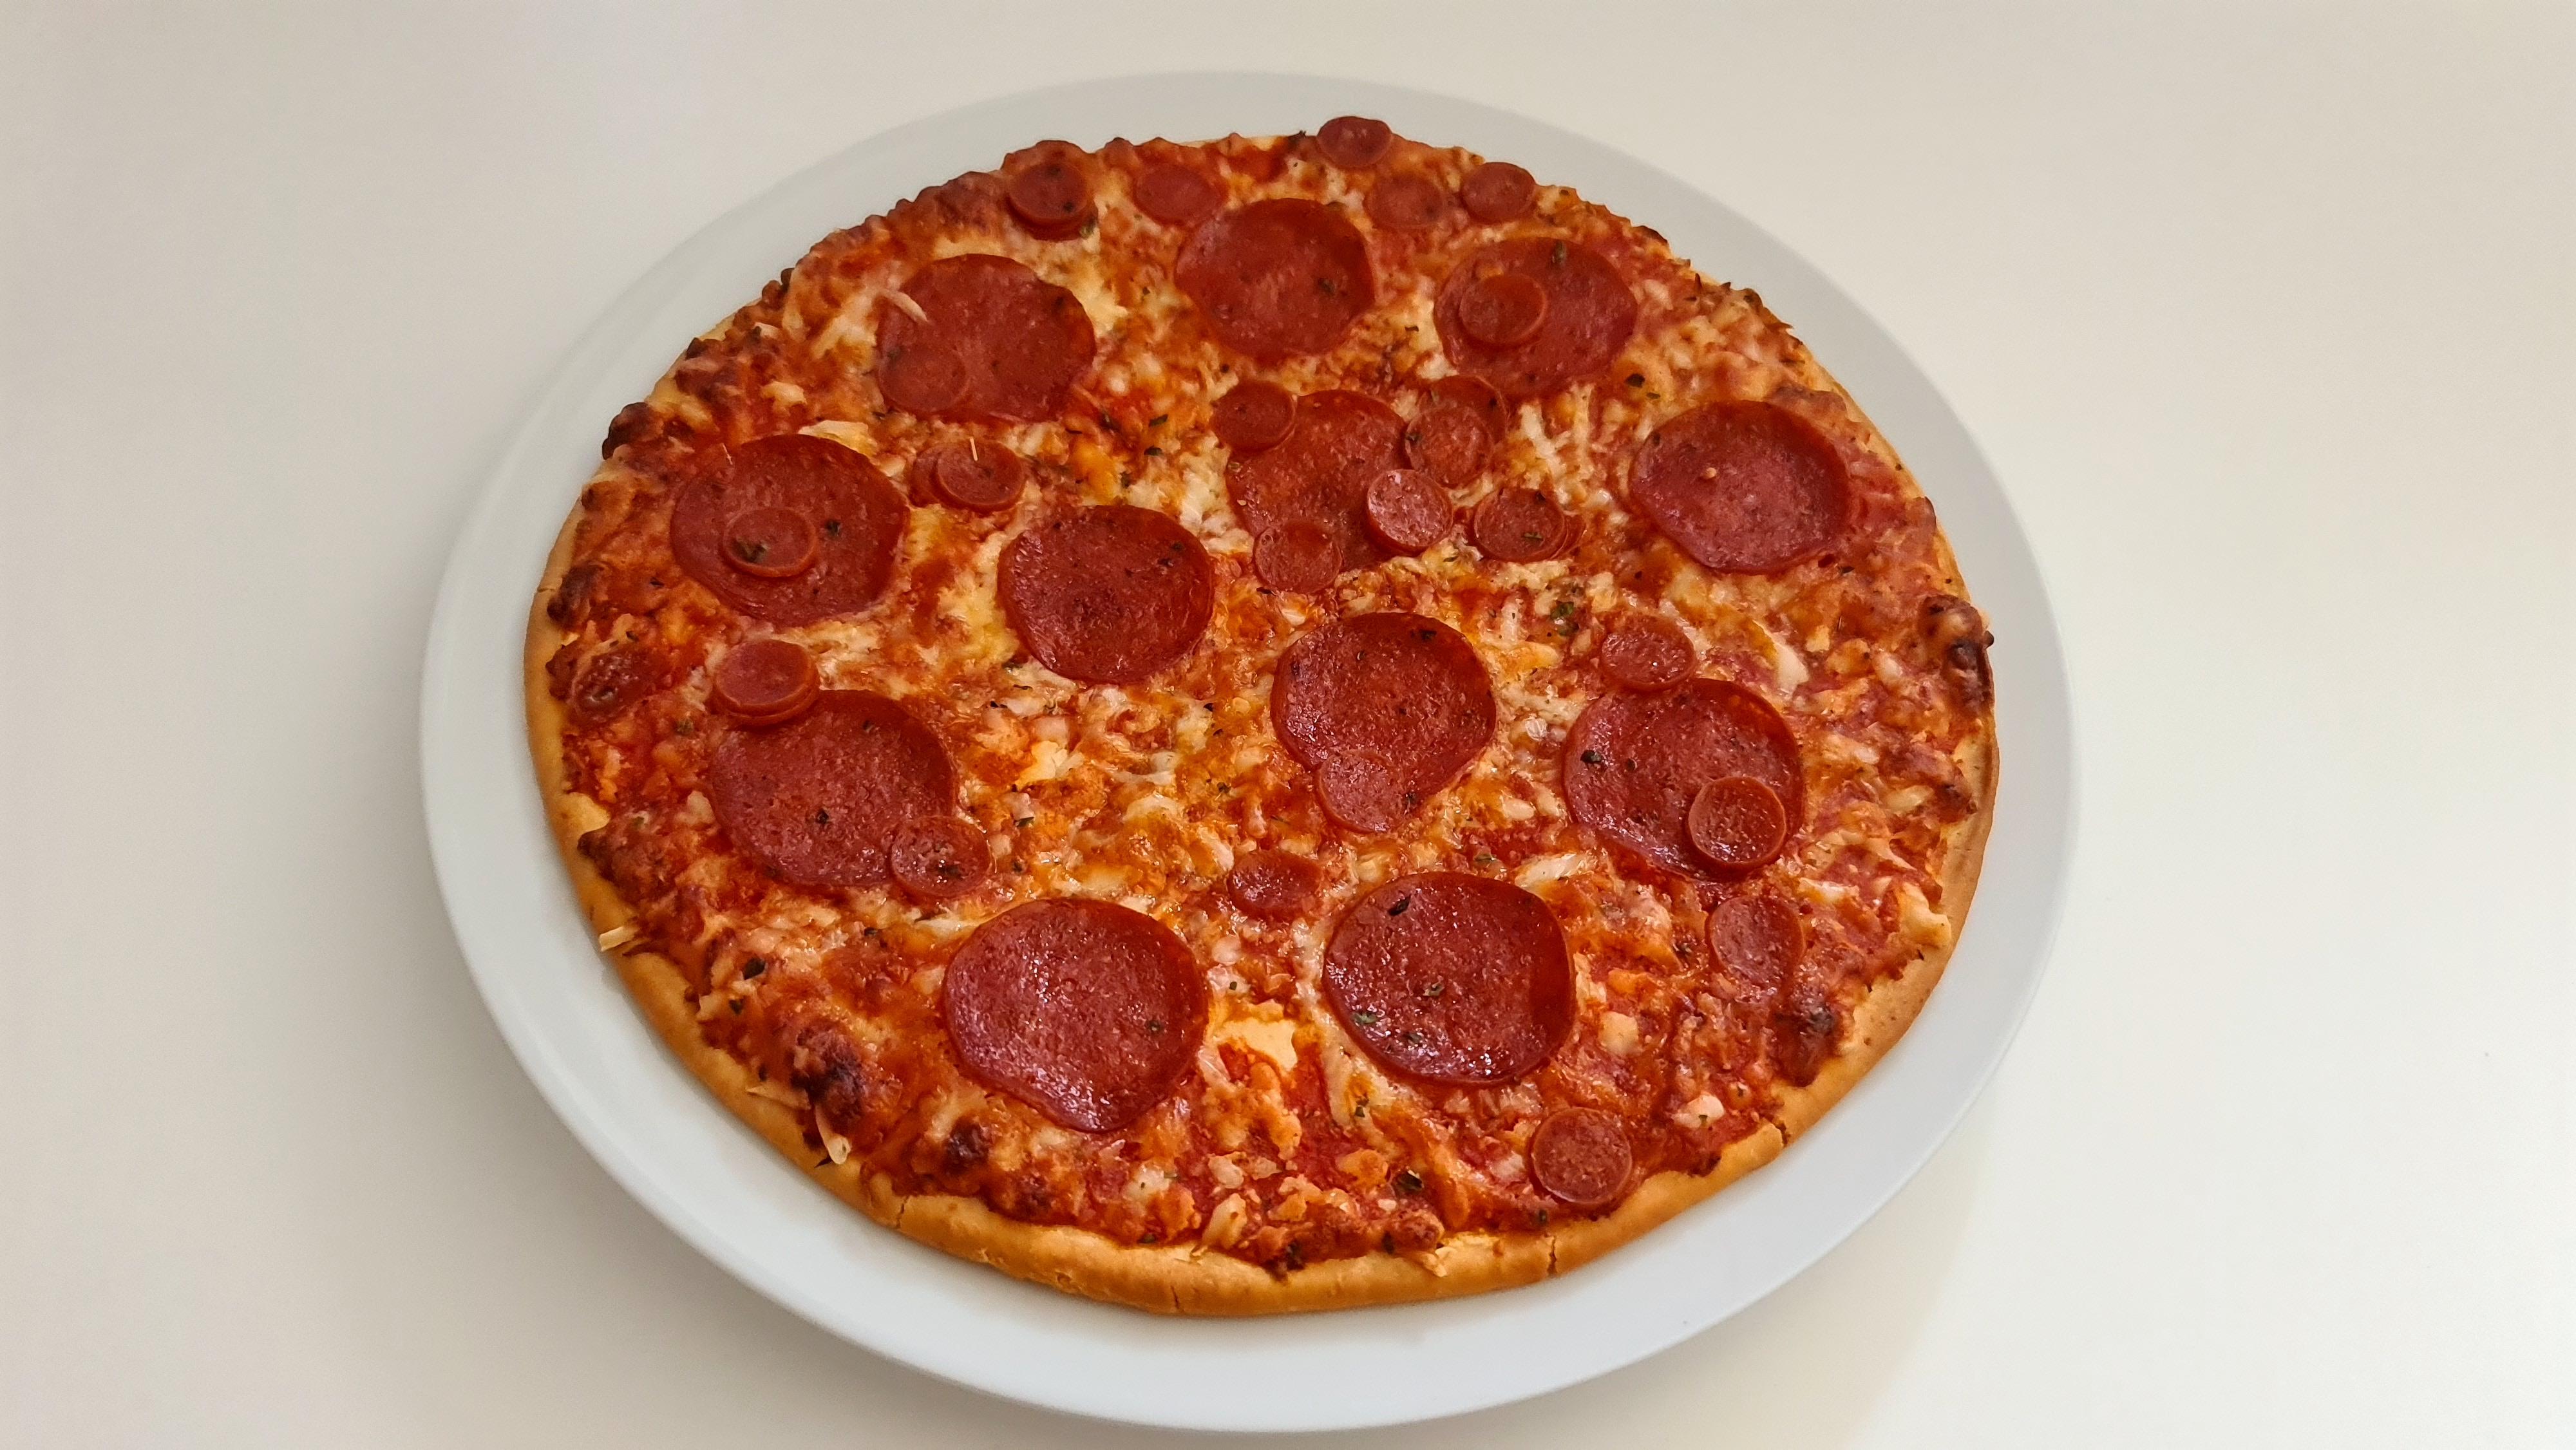 https://foodloader.net/Holz_2020-10-14_Pizza.jpg